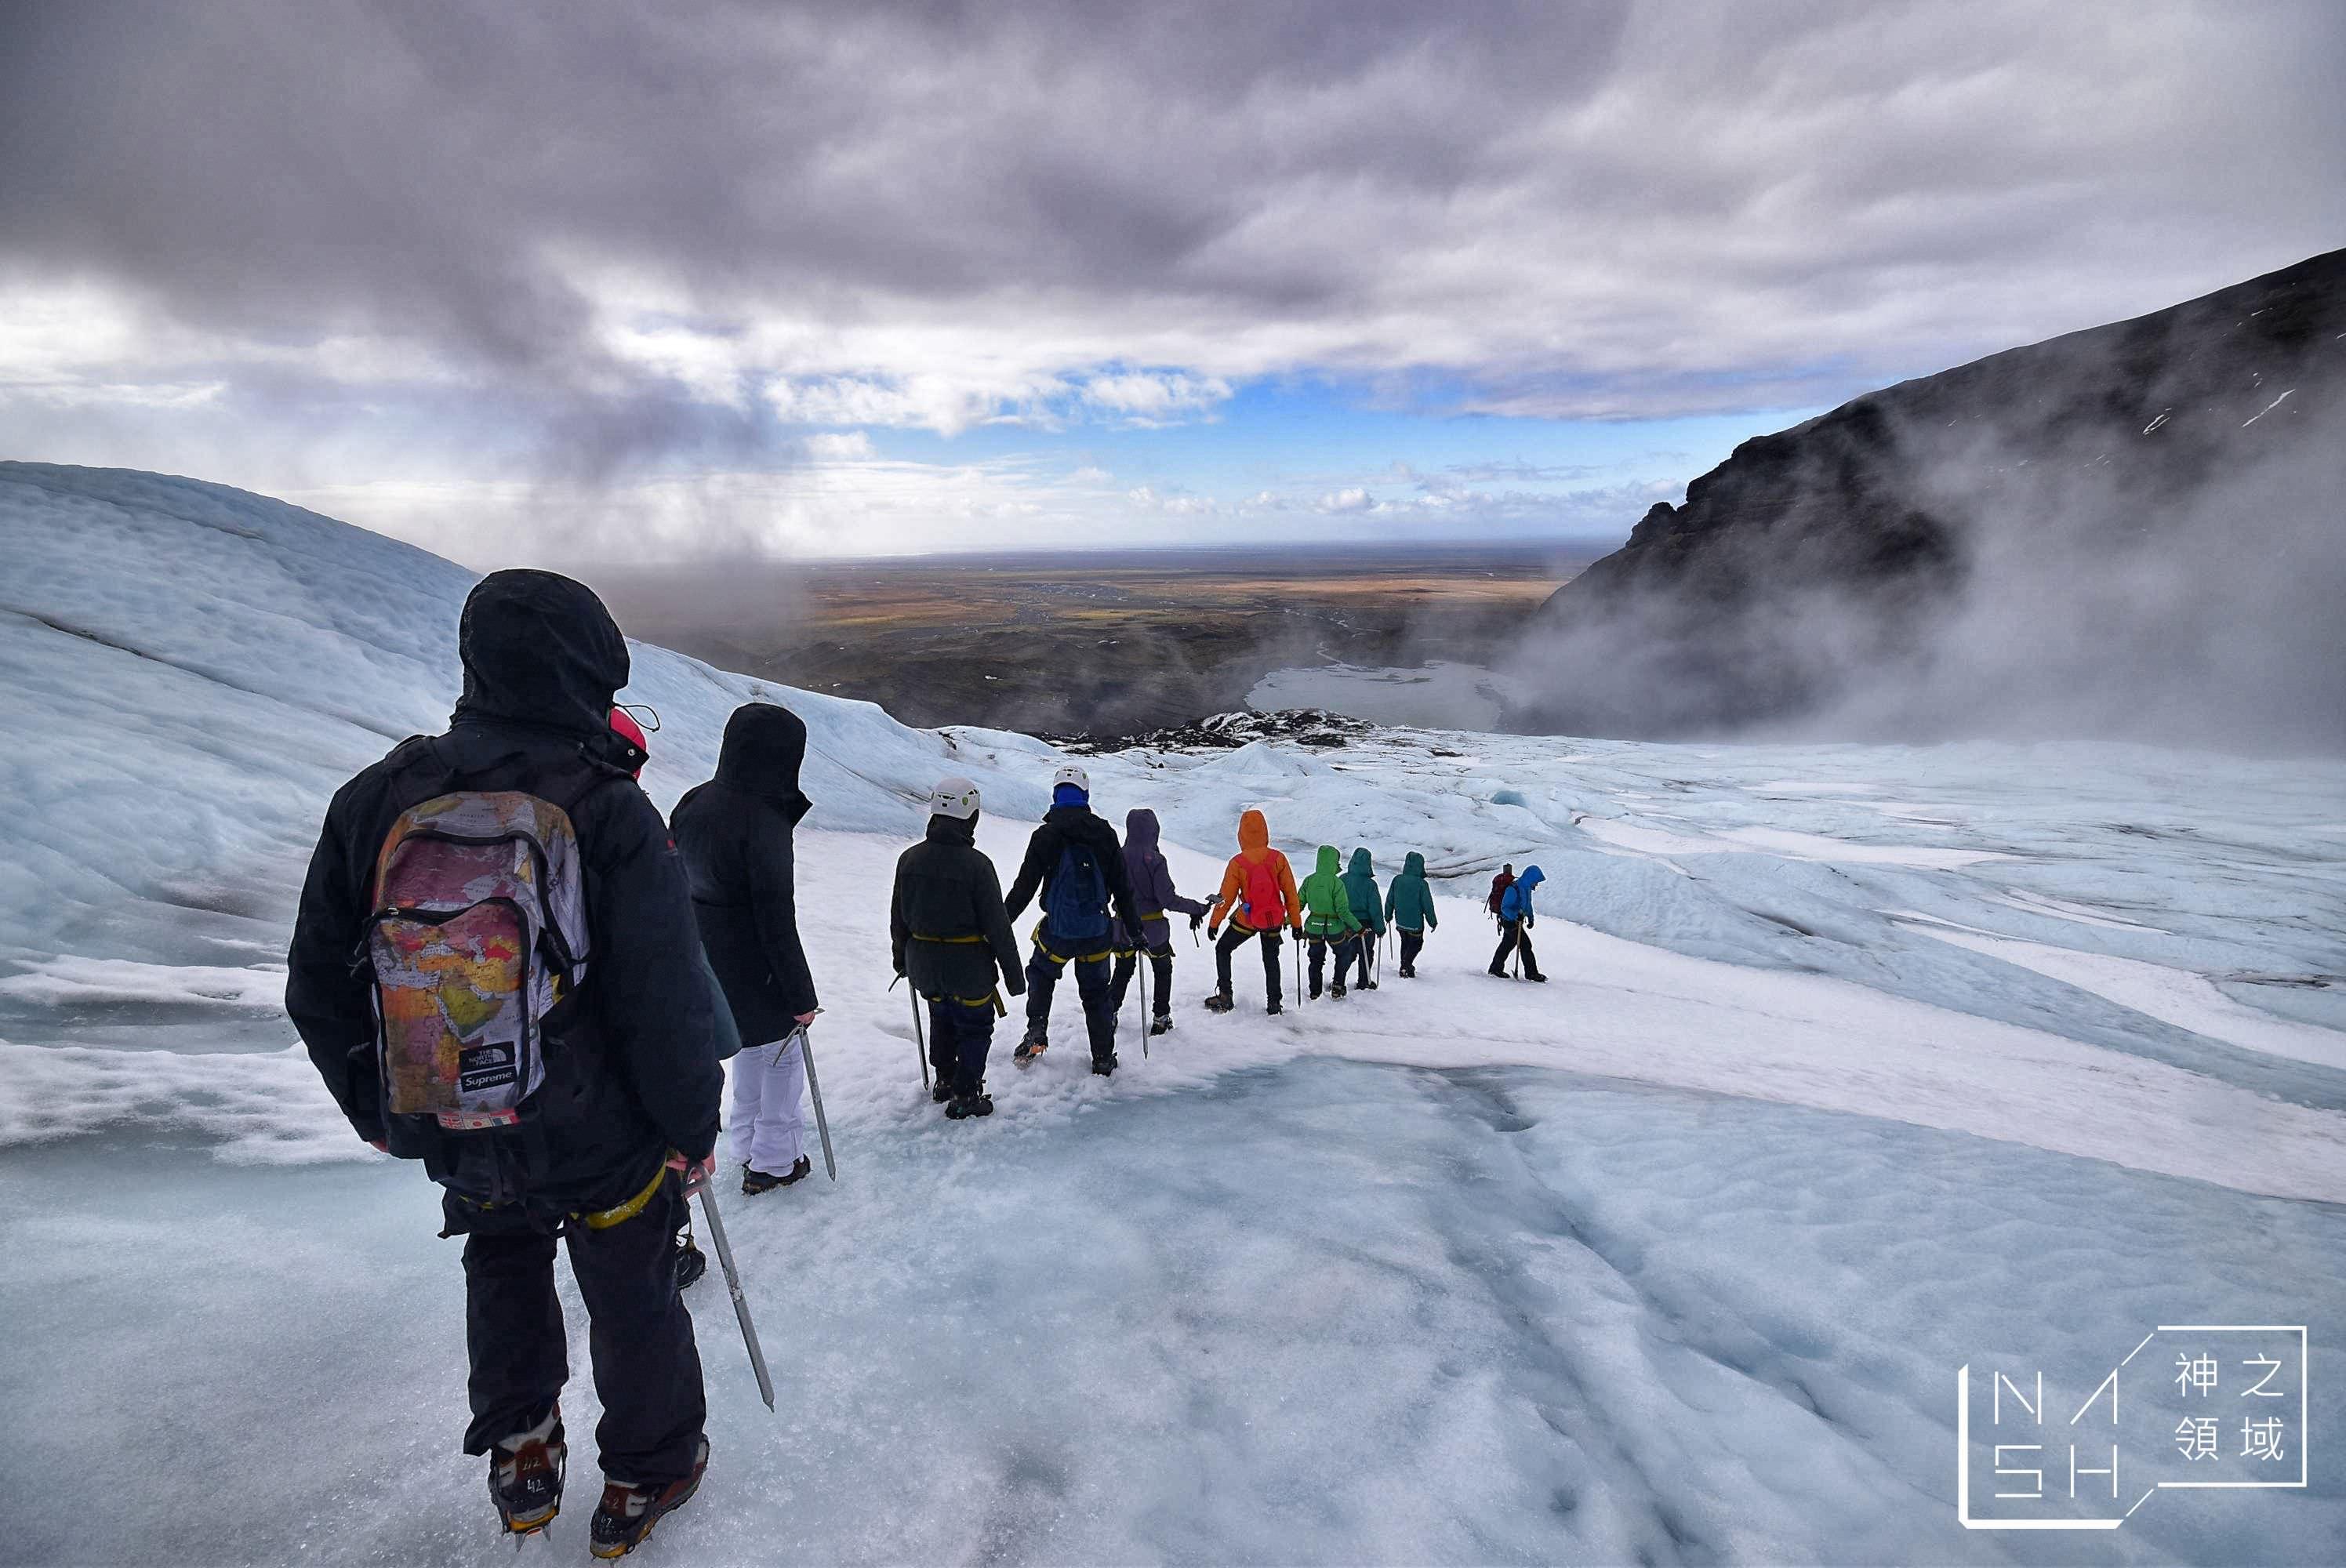 冰島自由行環島景點推薦,冰島自助景點,斯卡夫塔冰川健行,冰島冰川,冰島冰川健行,Guide to Iceland,Glacier Guides,Vatnajökull National Park,Skaftafell @Nash,神之領域